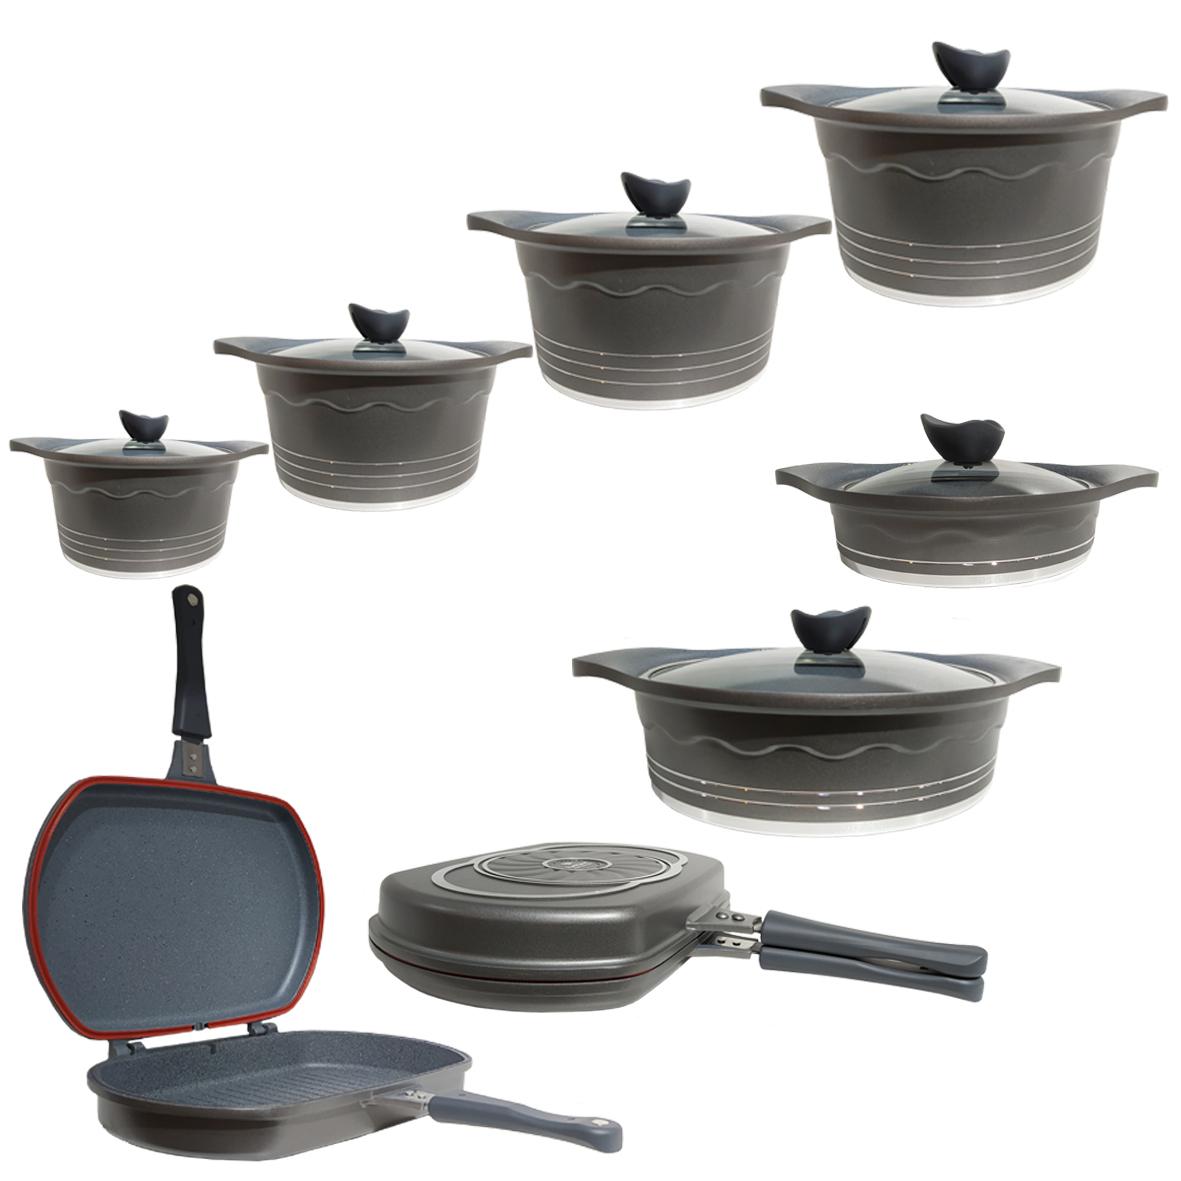 سرویس پخت و پز 14 پارچه راکلند مدل 14001